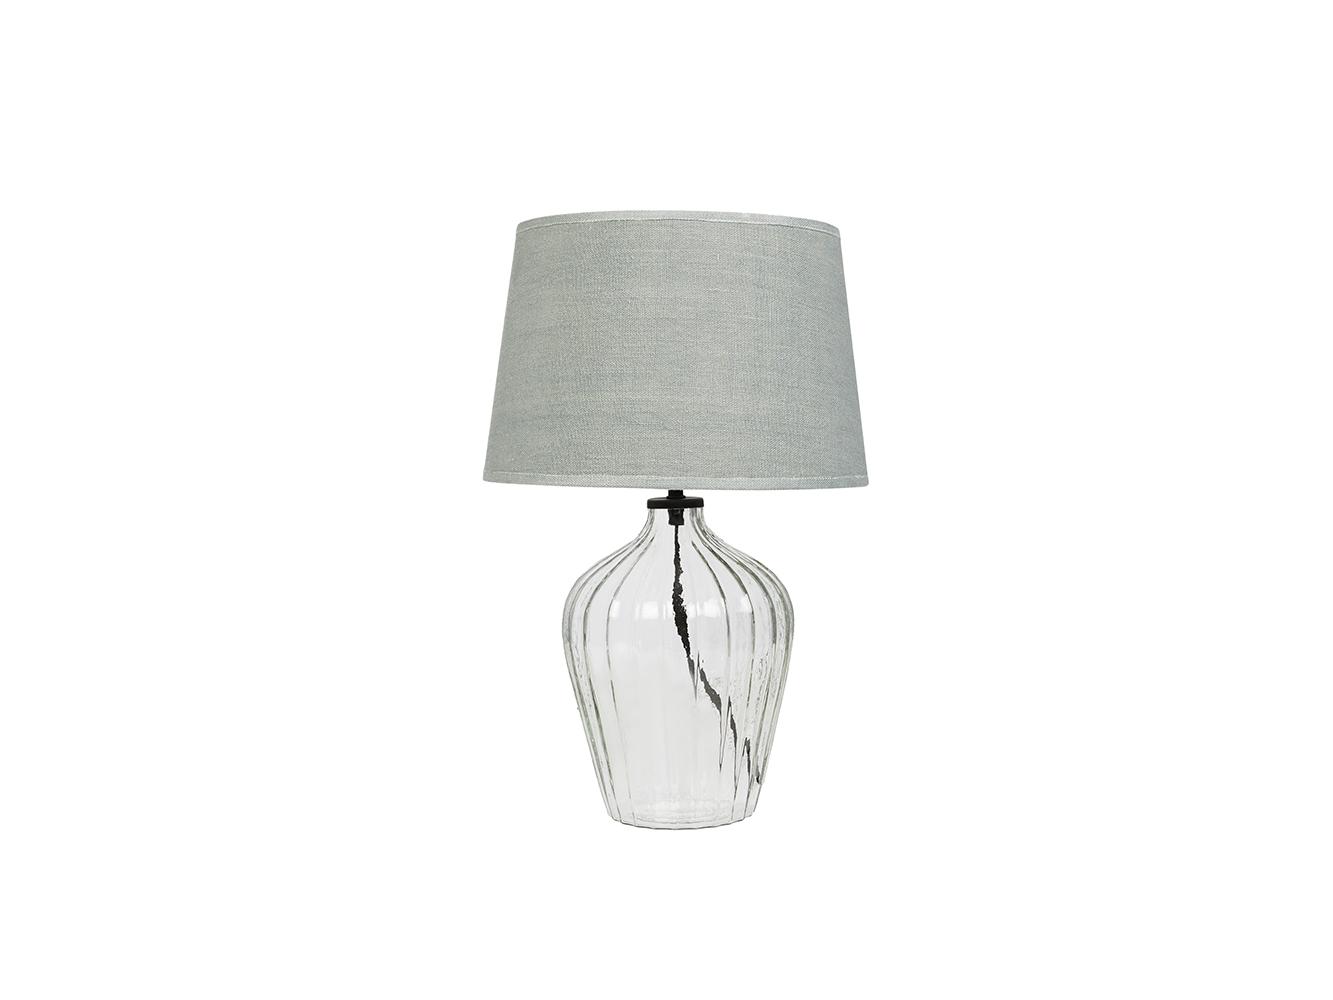 Interesting table lamp Flute 46 cm